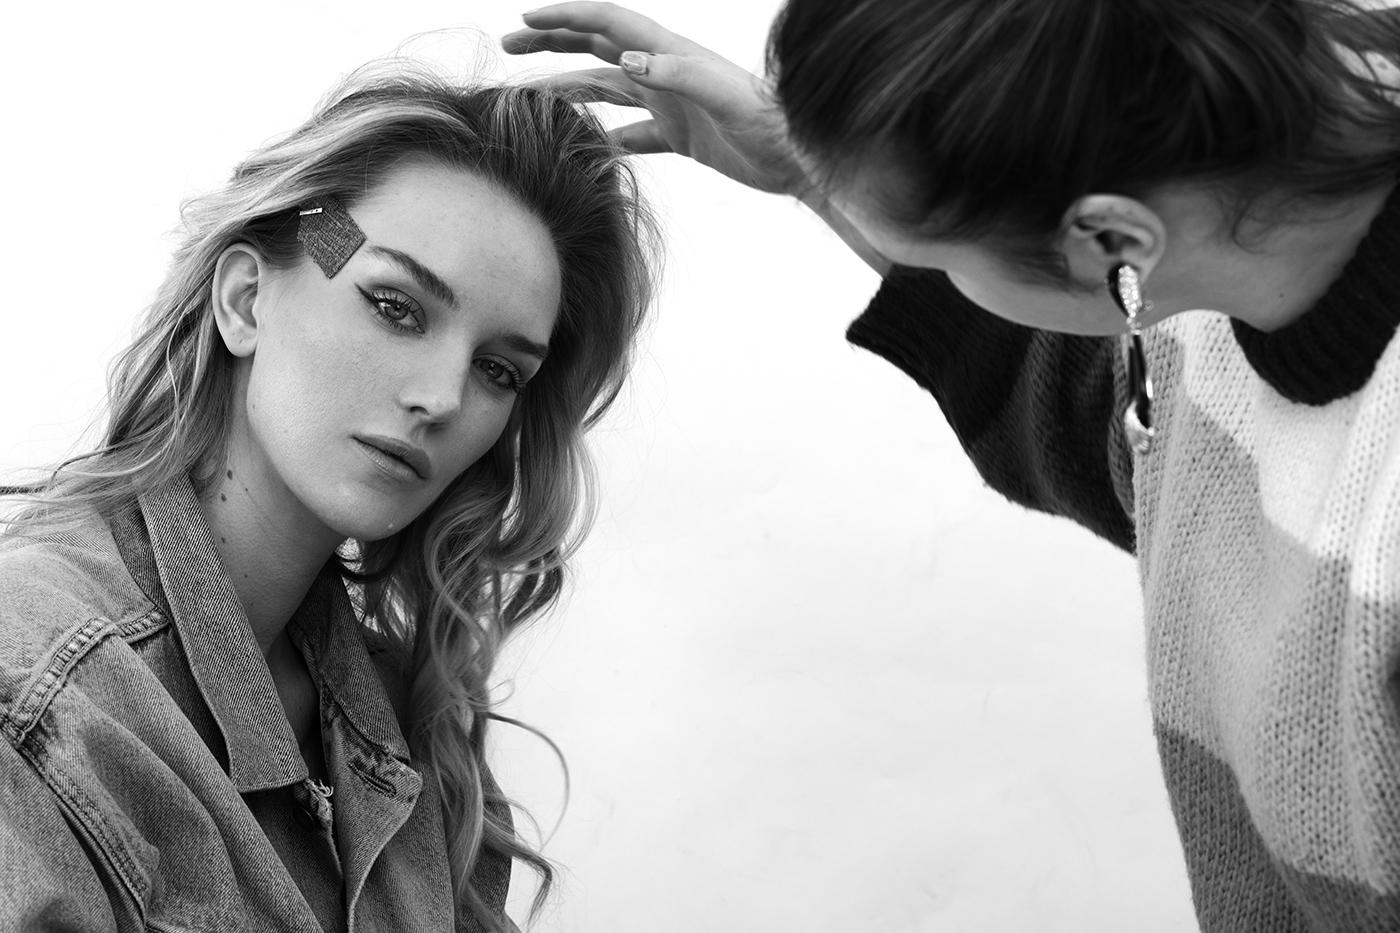 Backstage beauty shoot met karin van berkel en lotte concepts